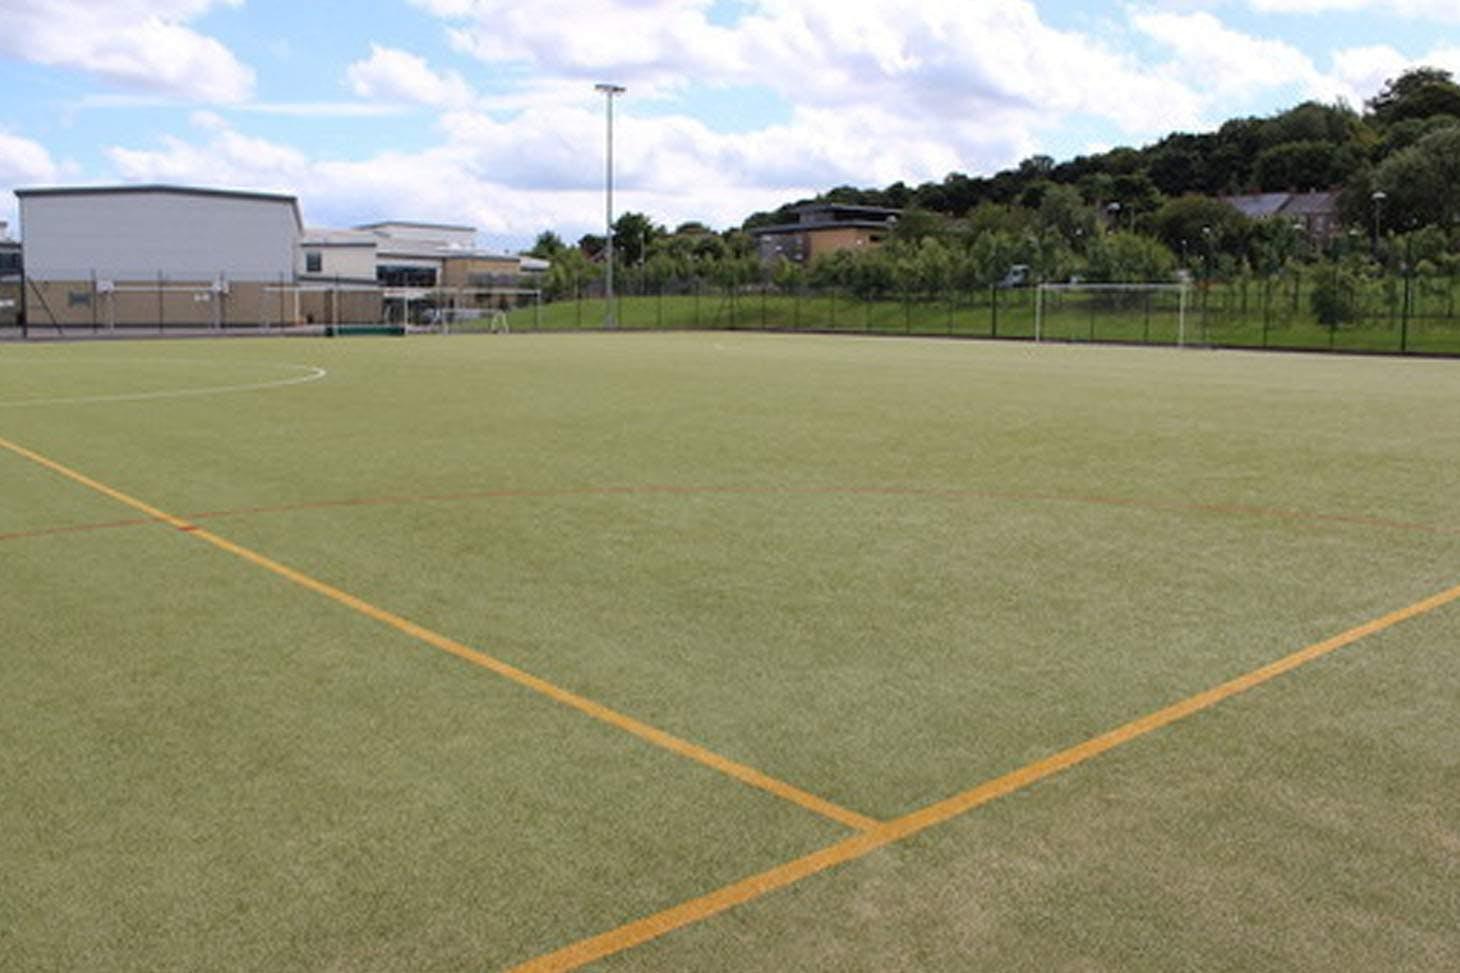 Kingsmeadow Community School 11 a side | Astroturf football pitch